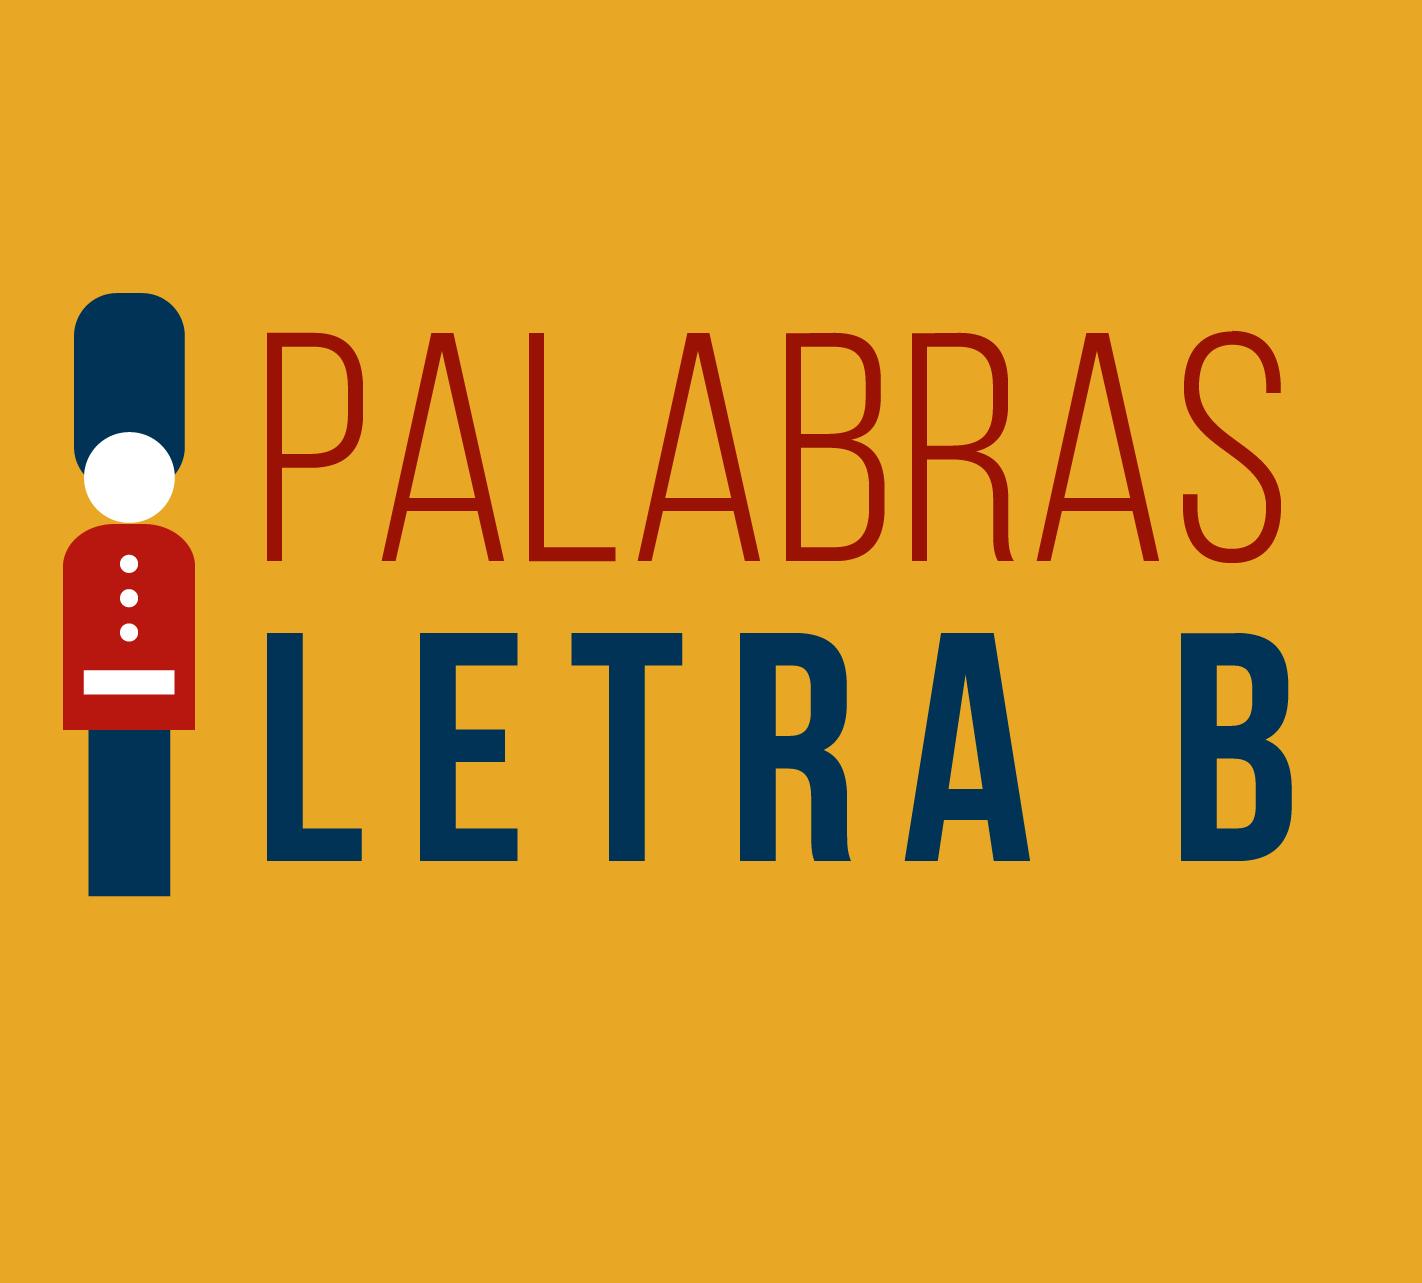 palabras en ingles con la letra B